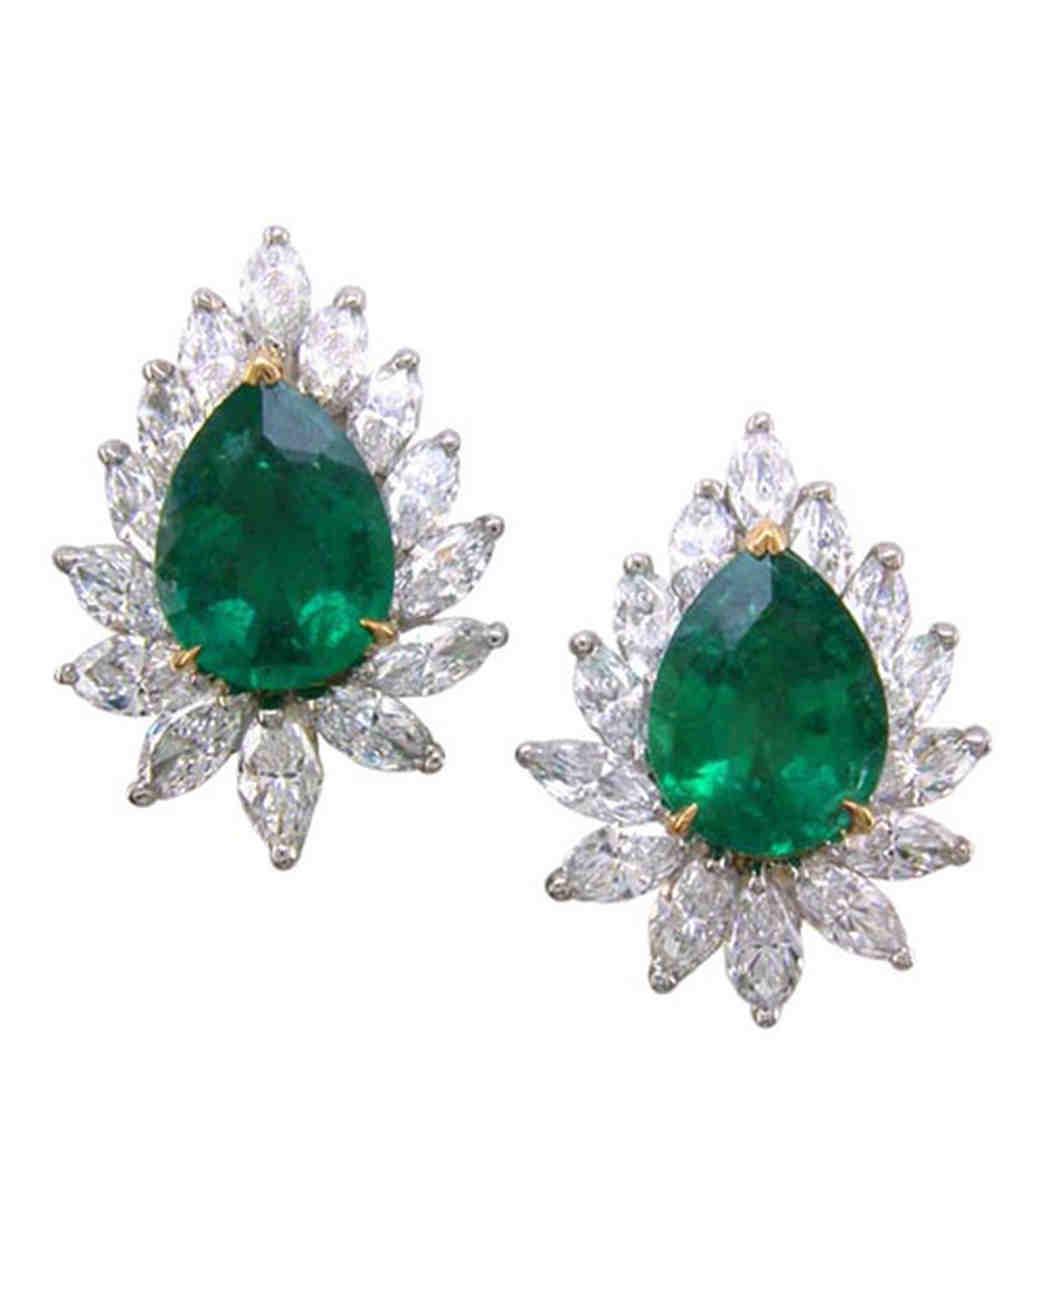 heyman_ohb_705670_plat_em_dia_earrings.jpg